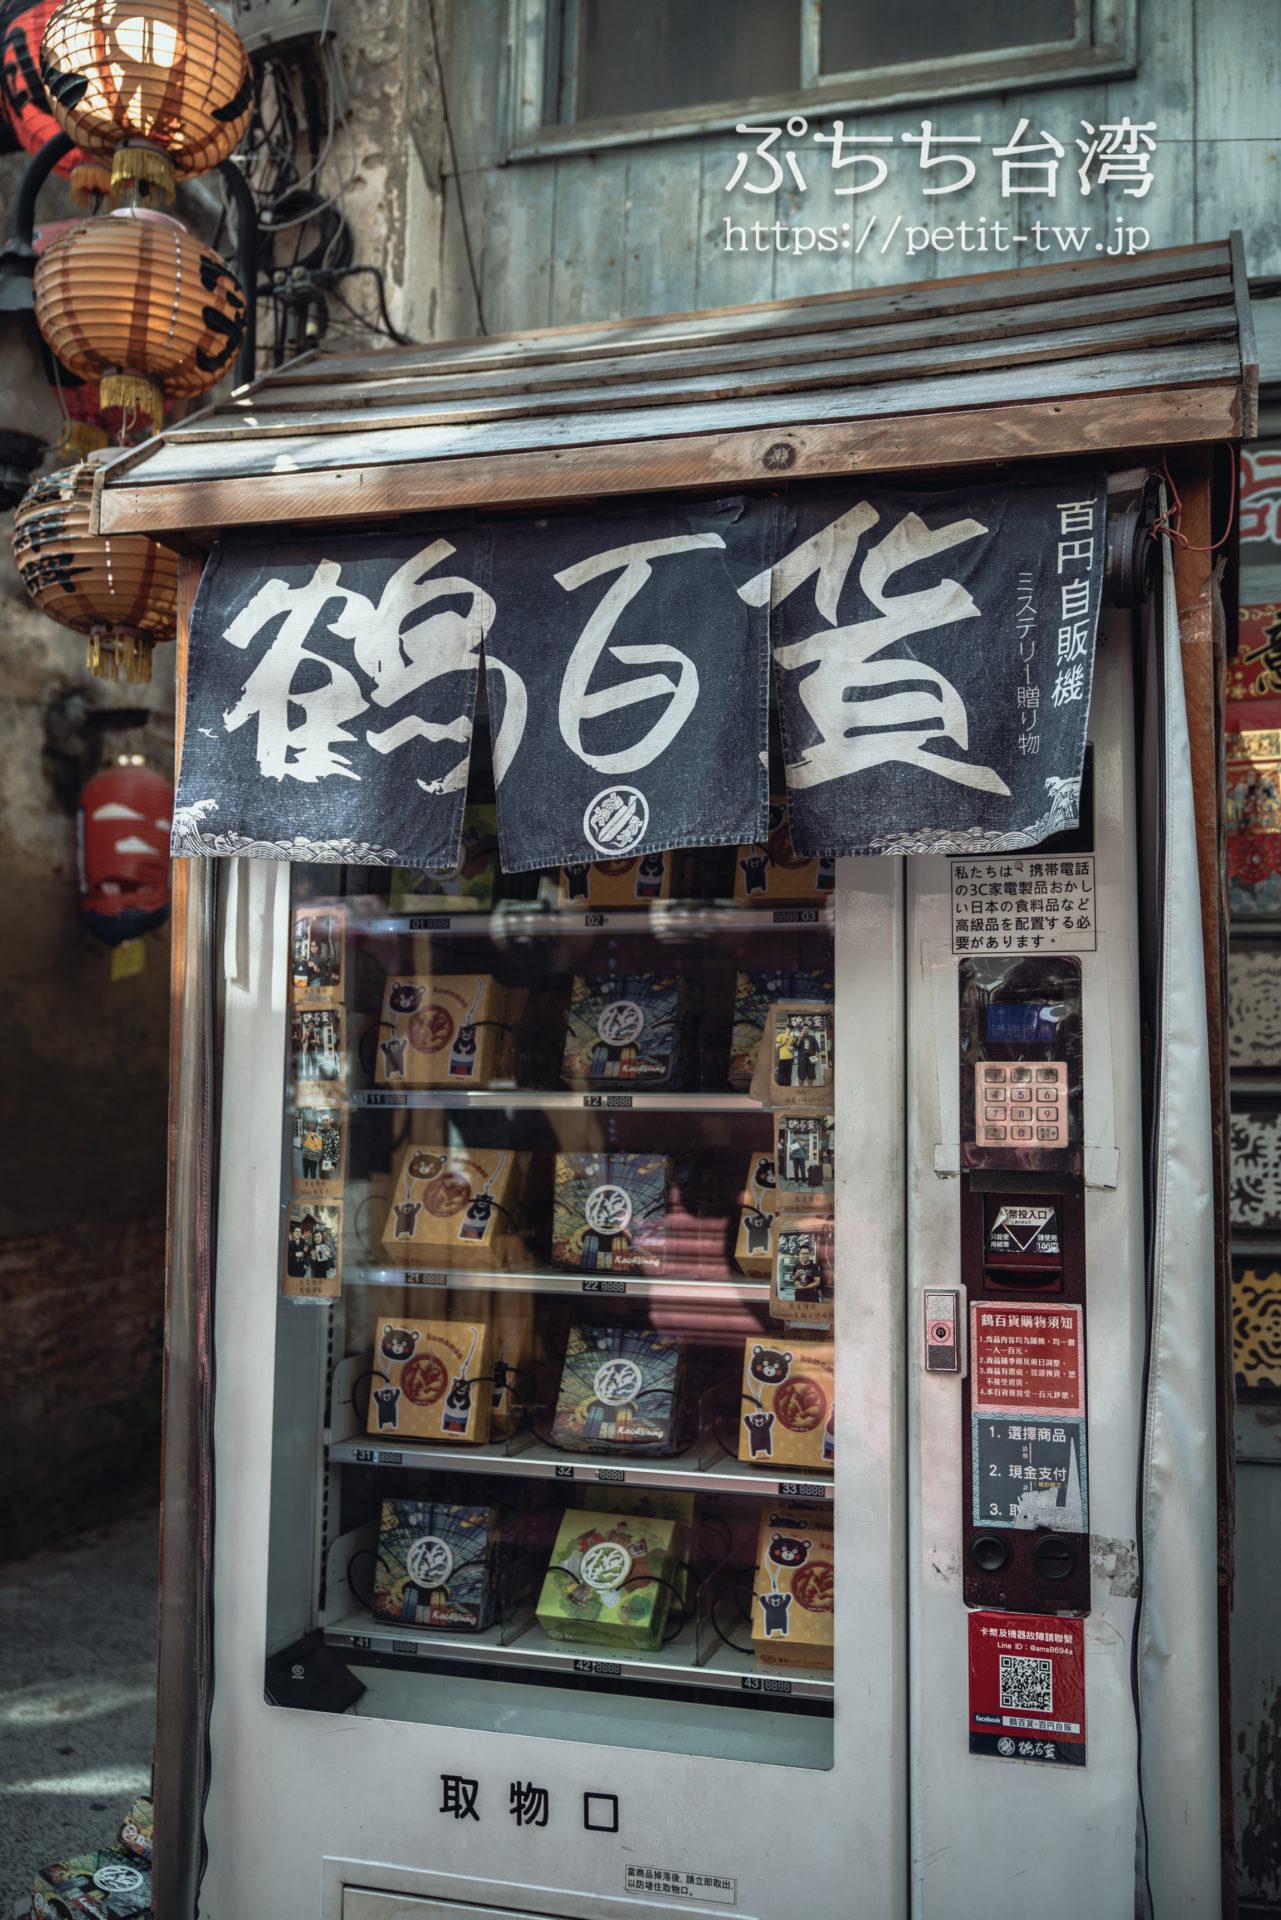 台南の神農街 自動販売機 鶴百貨